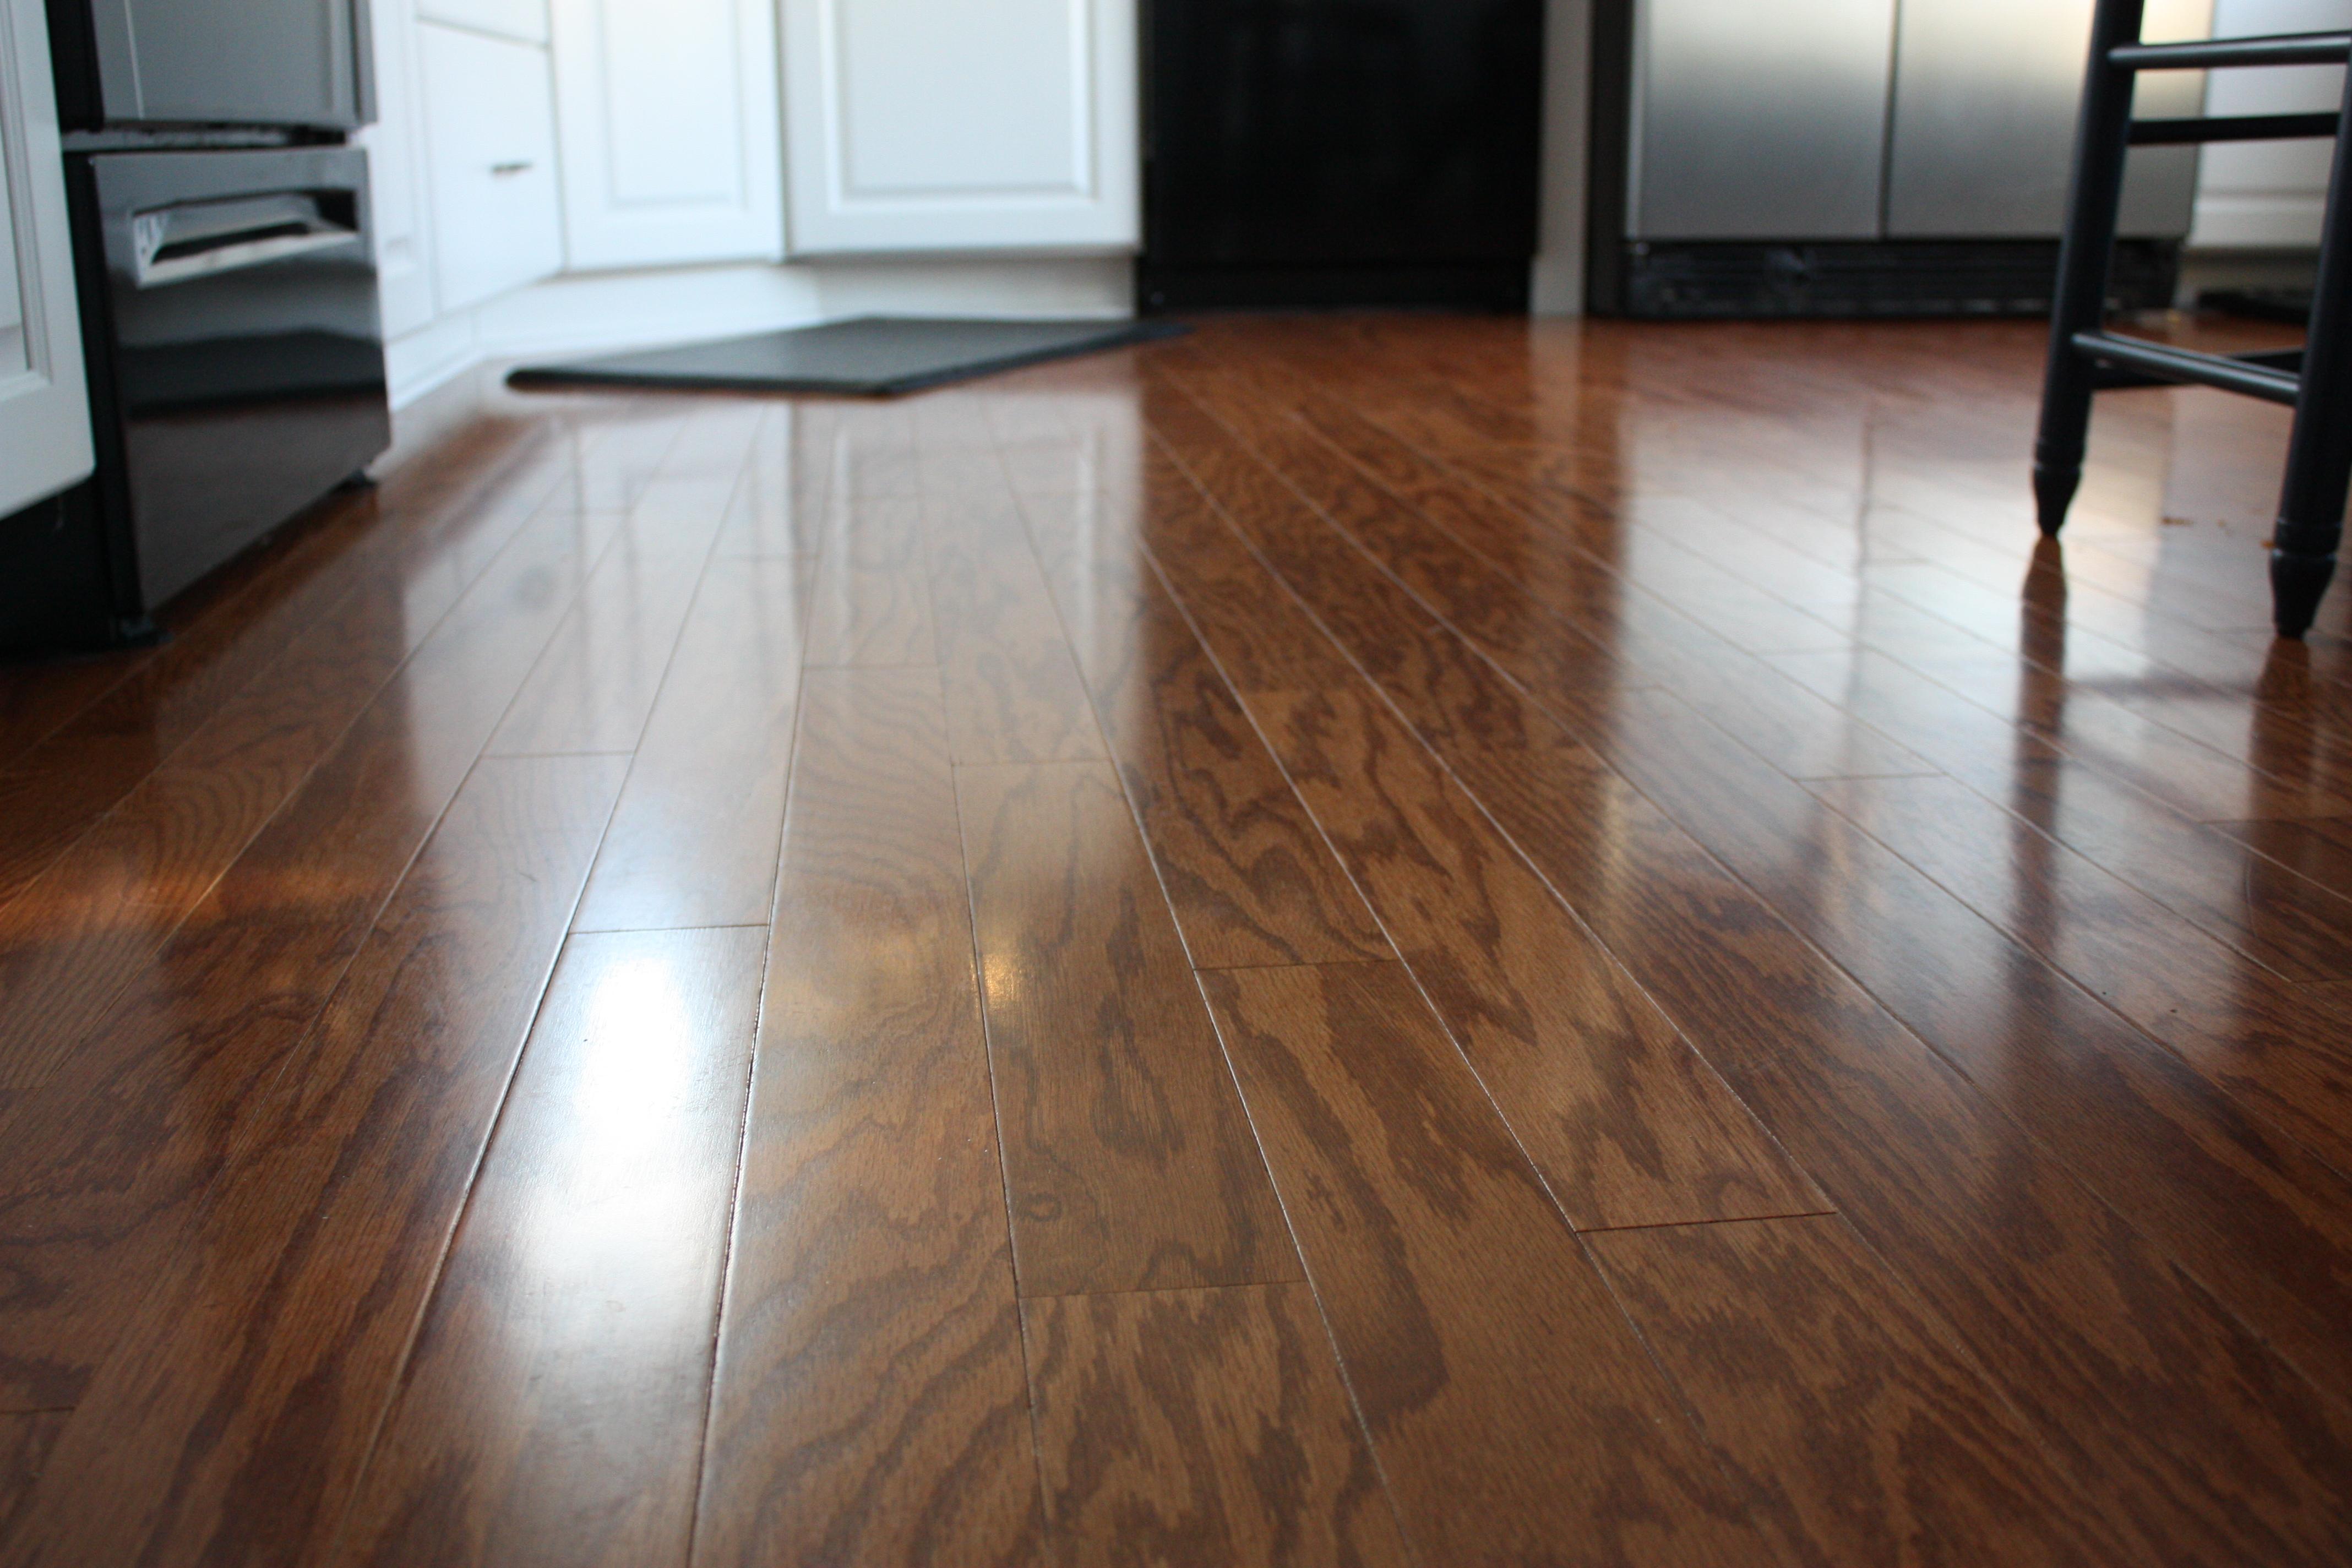 Wood Floors Floor Before After